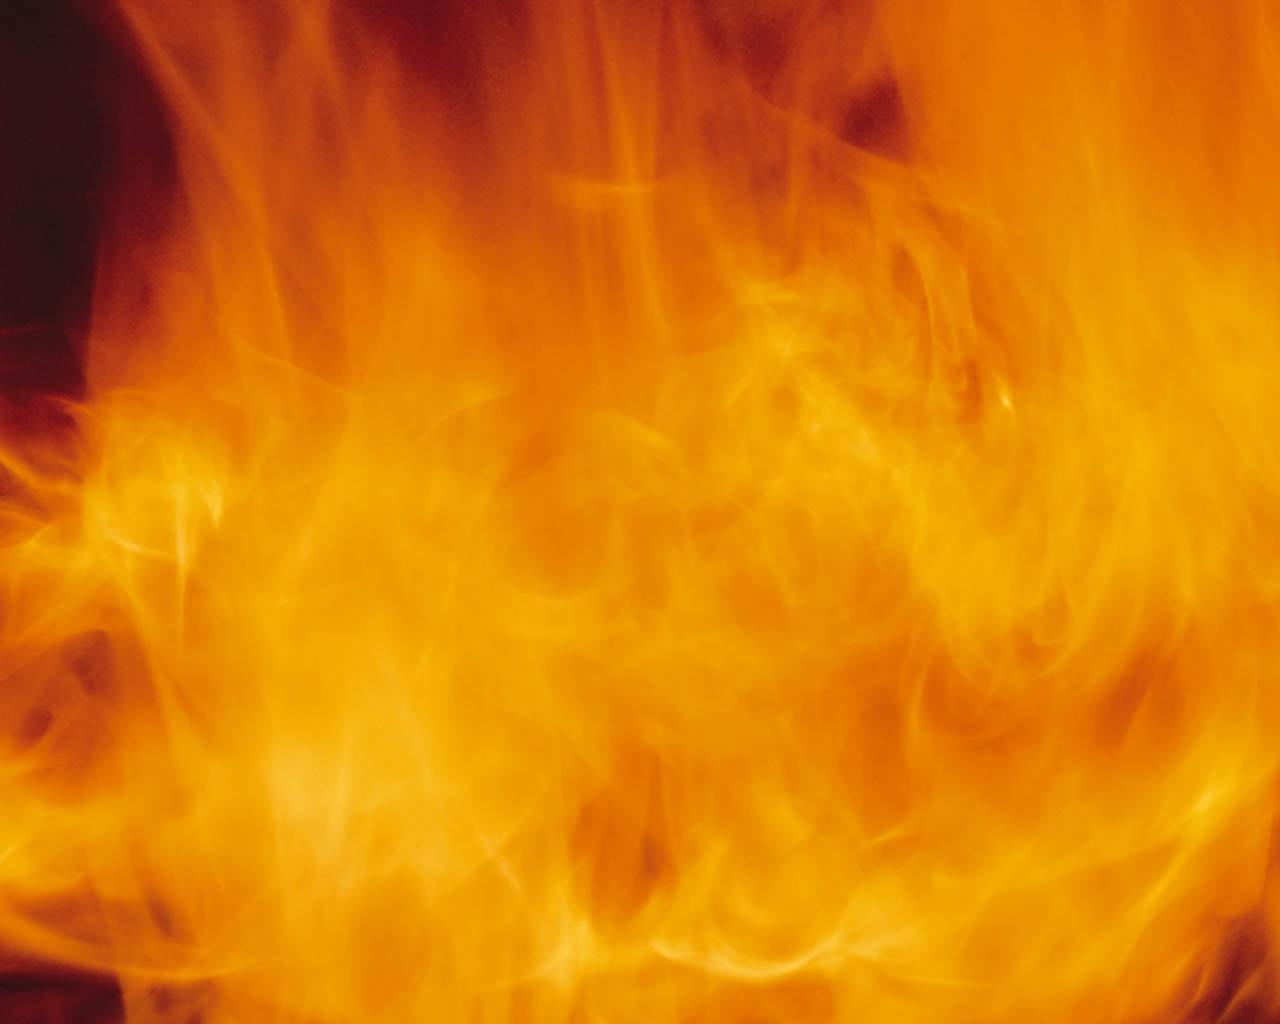 火焰特写 第一辑4K高清图片素材